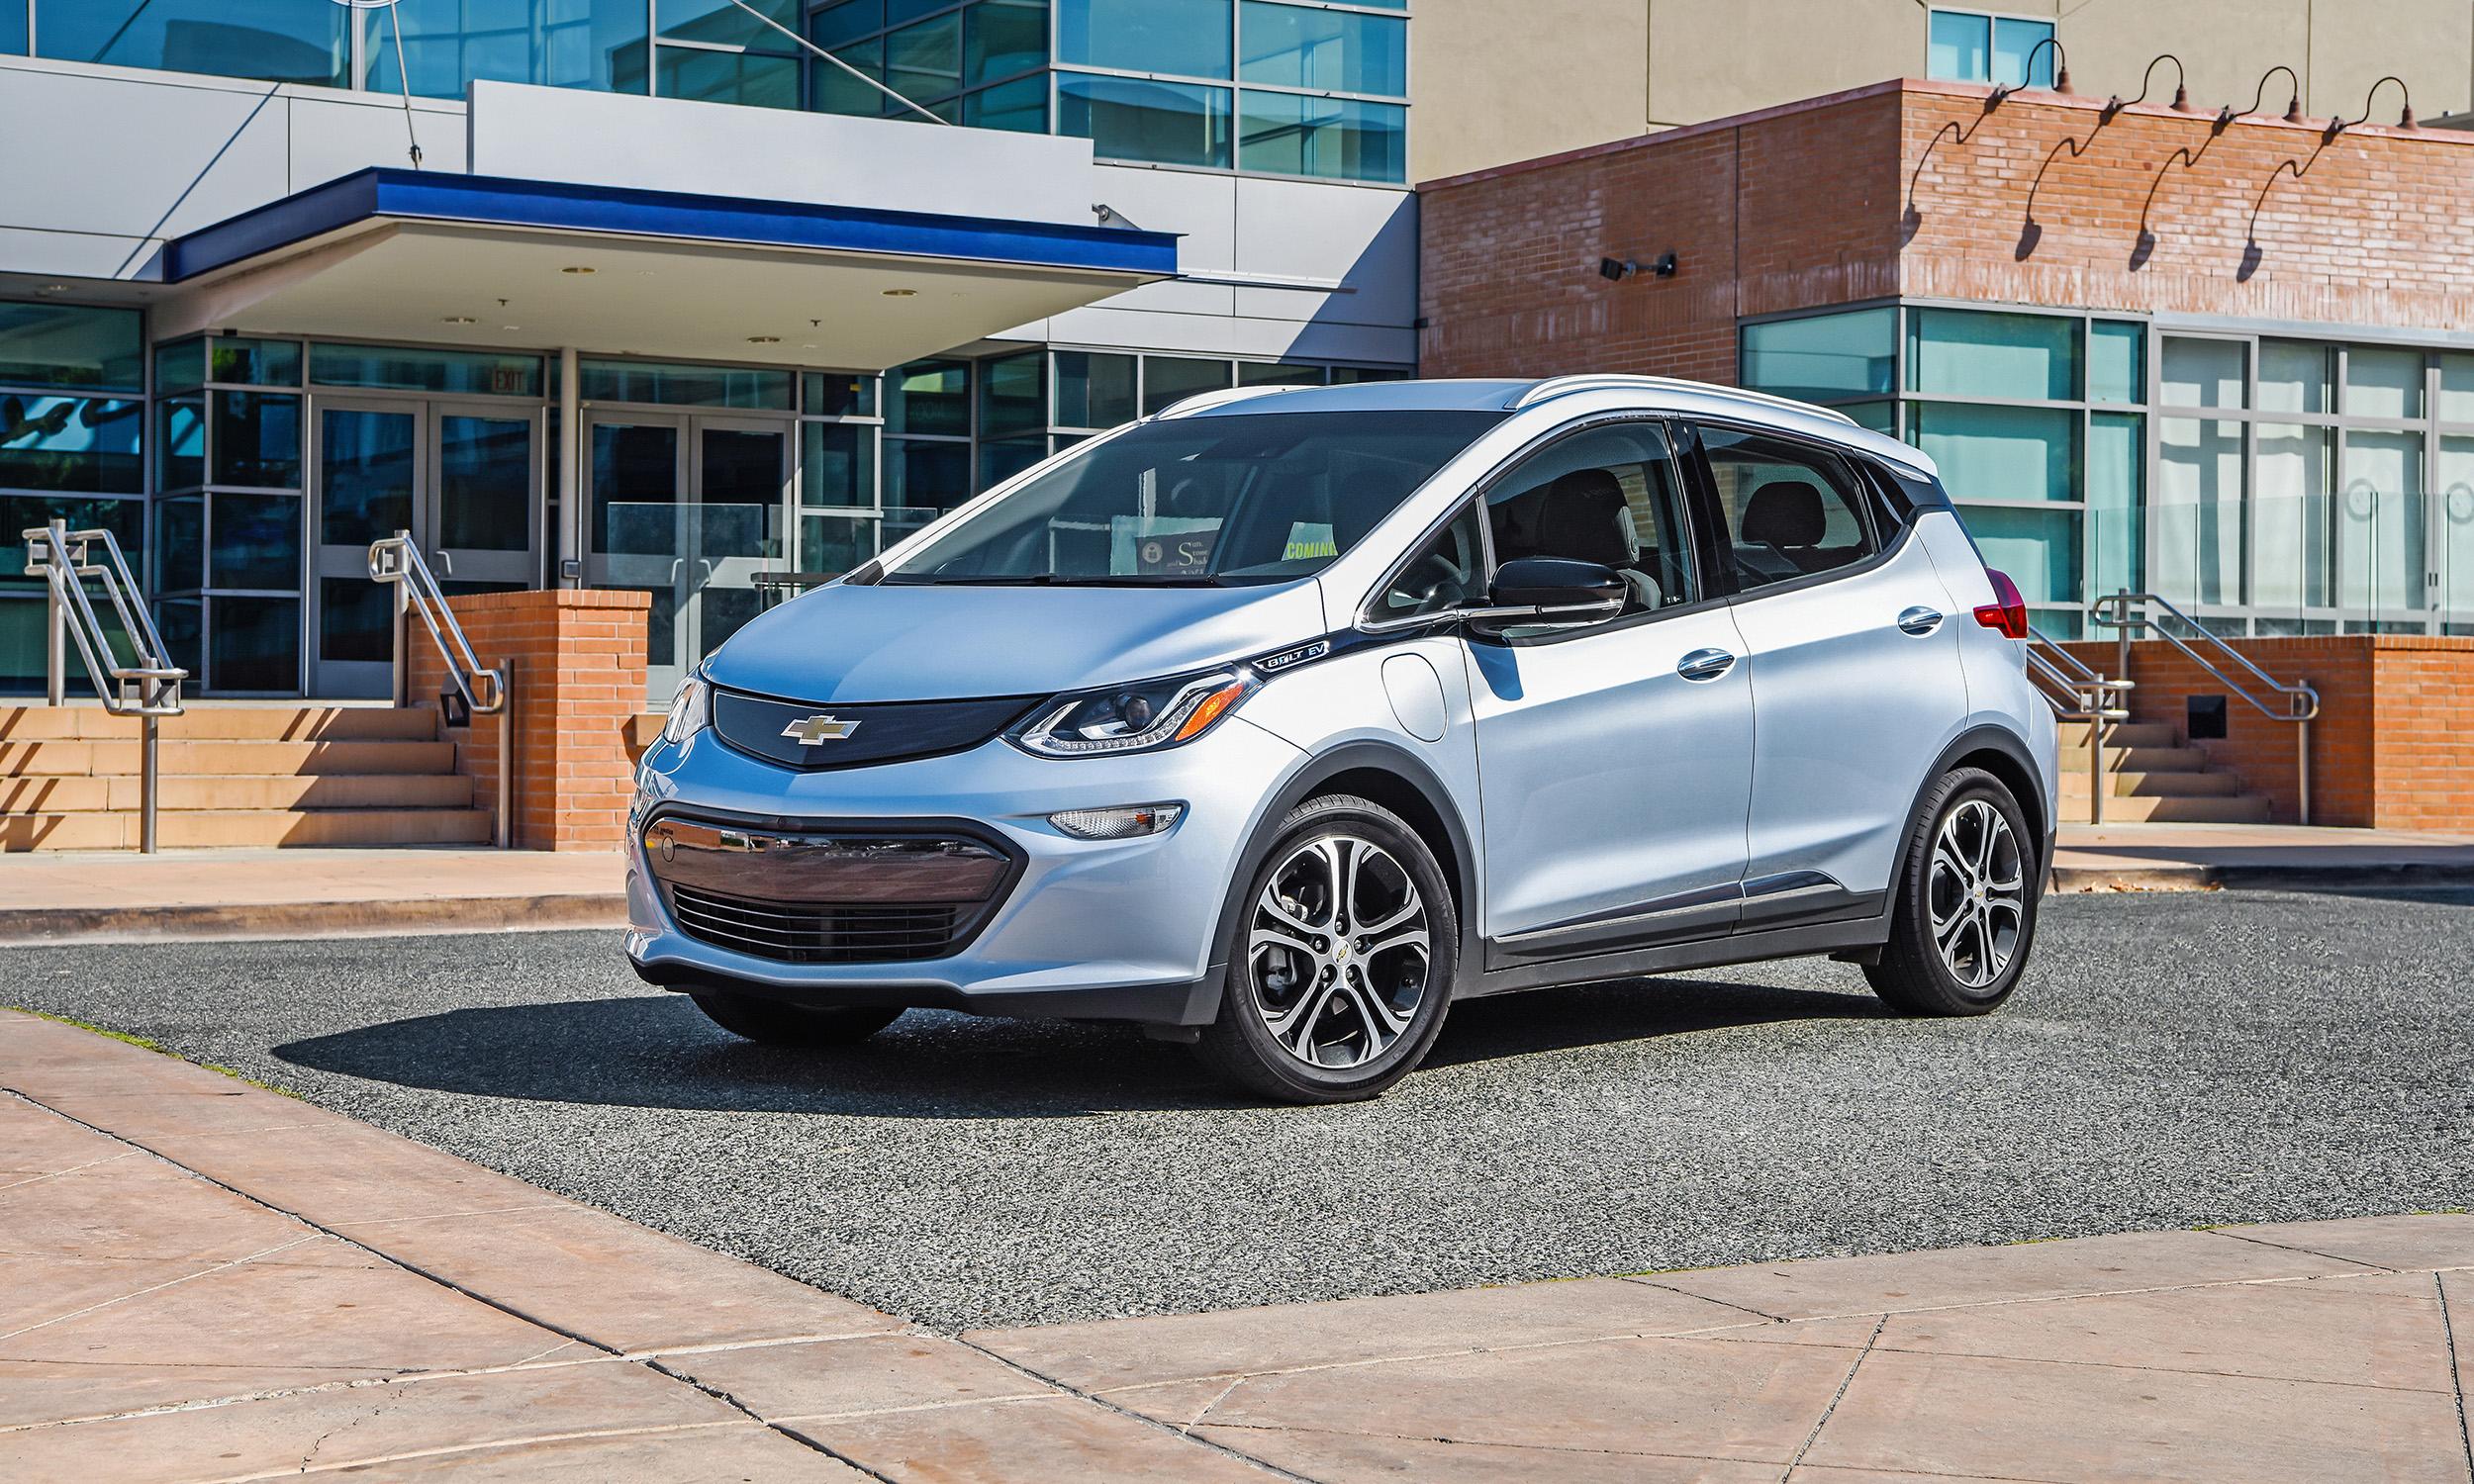 2017 chevrolet bolt ev most fuel efficient american cars